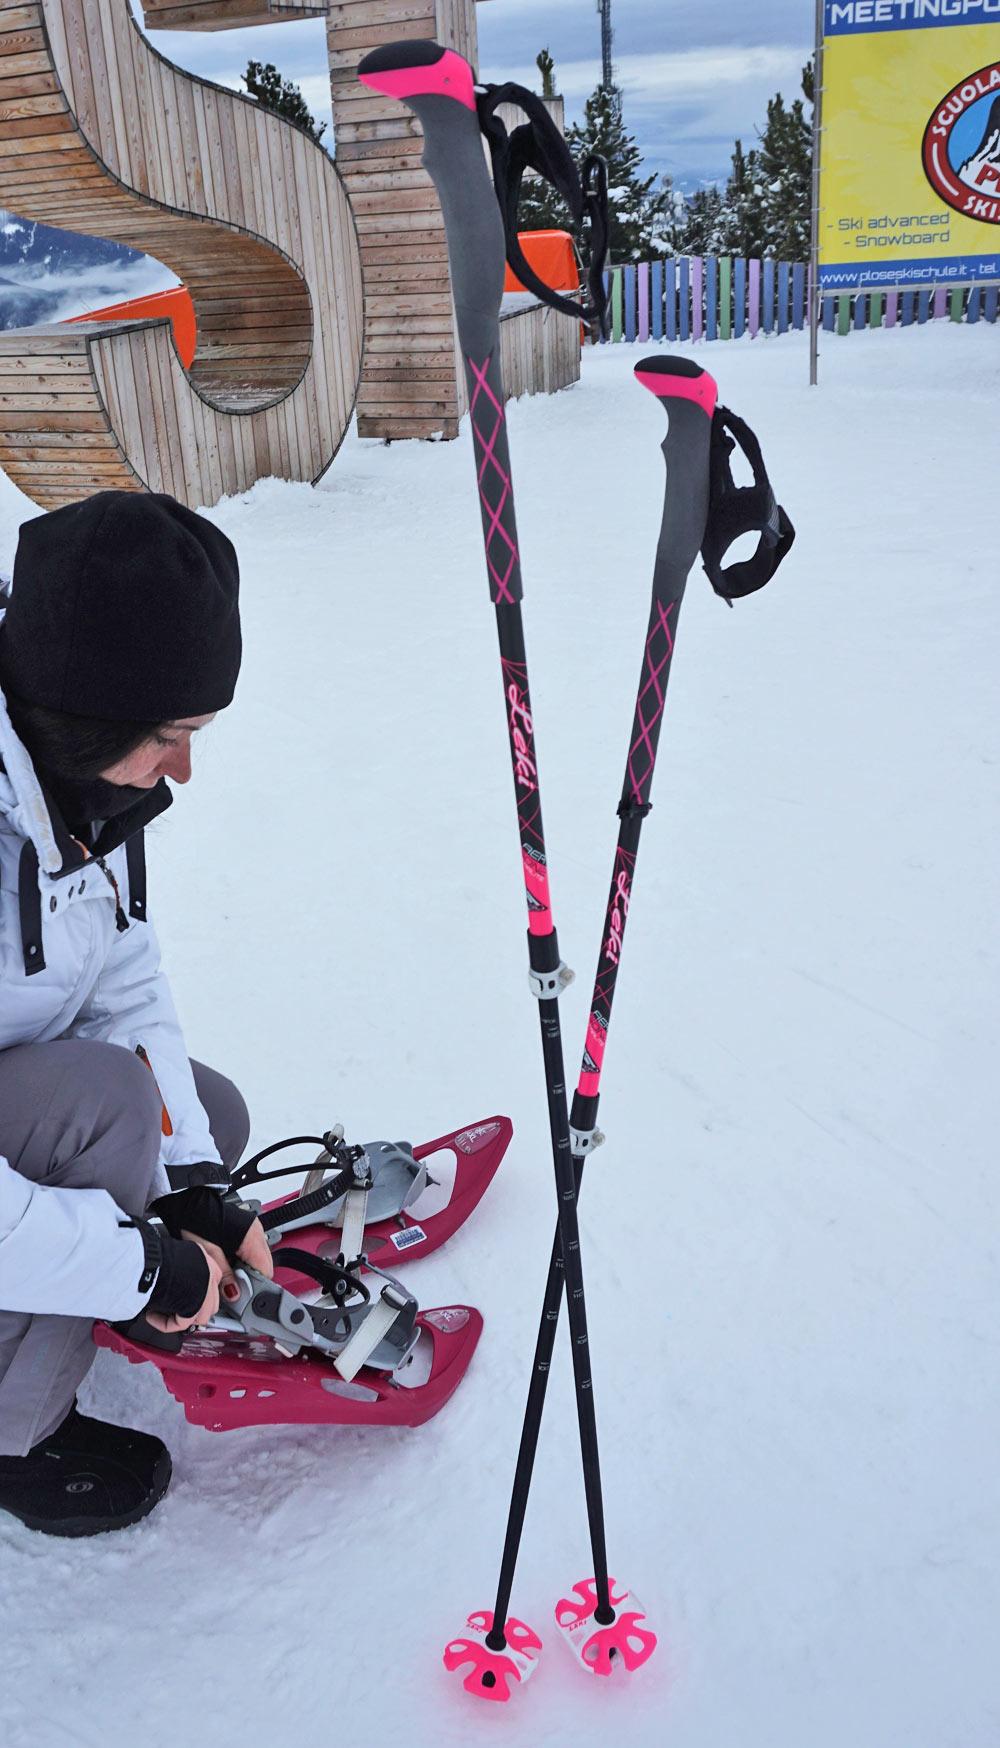 Bei der Vorbereitung für die Schneeschuhwanderung auf der Plose